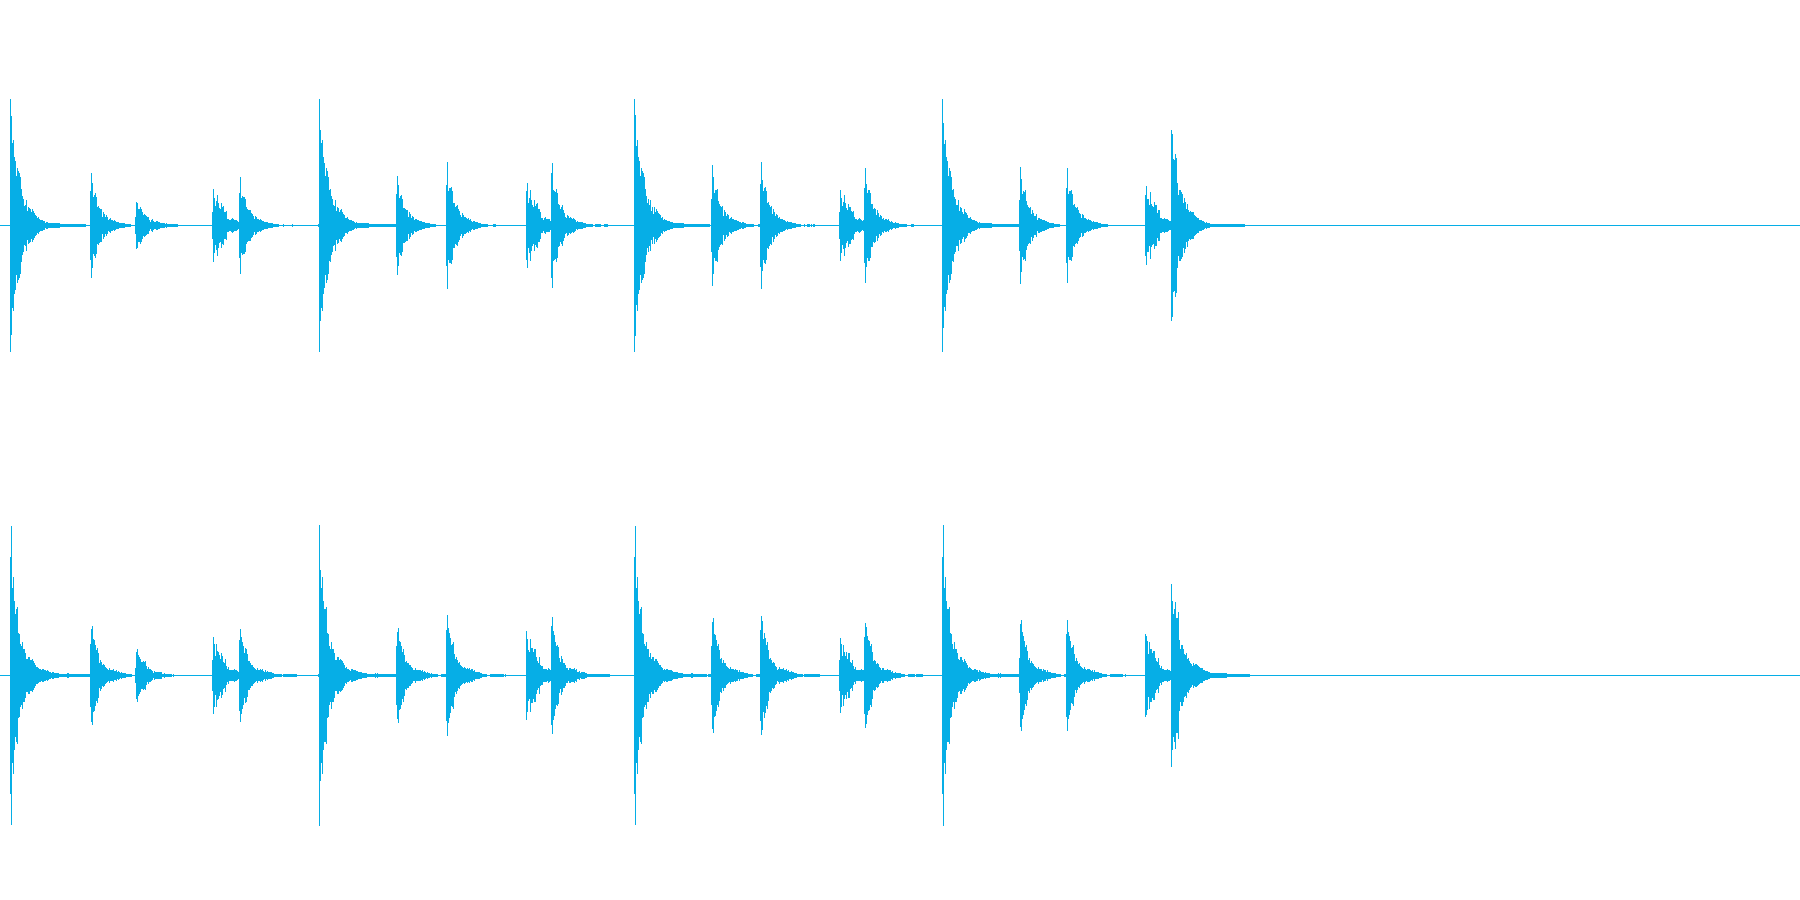 相撲などの触れ太鼓「大拍子」フレーズ音1の再生済みの波形